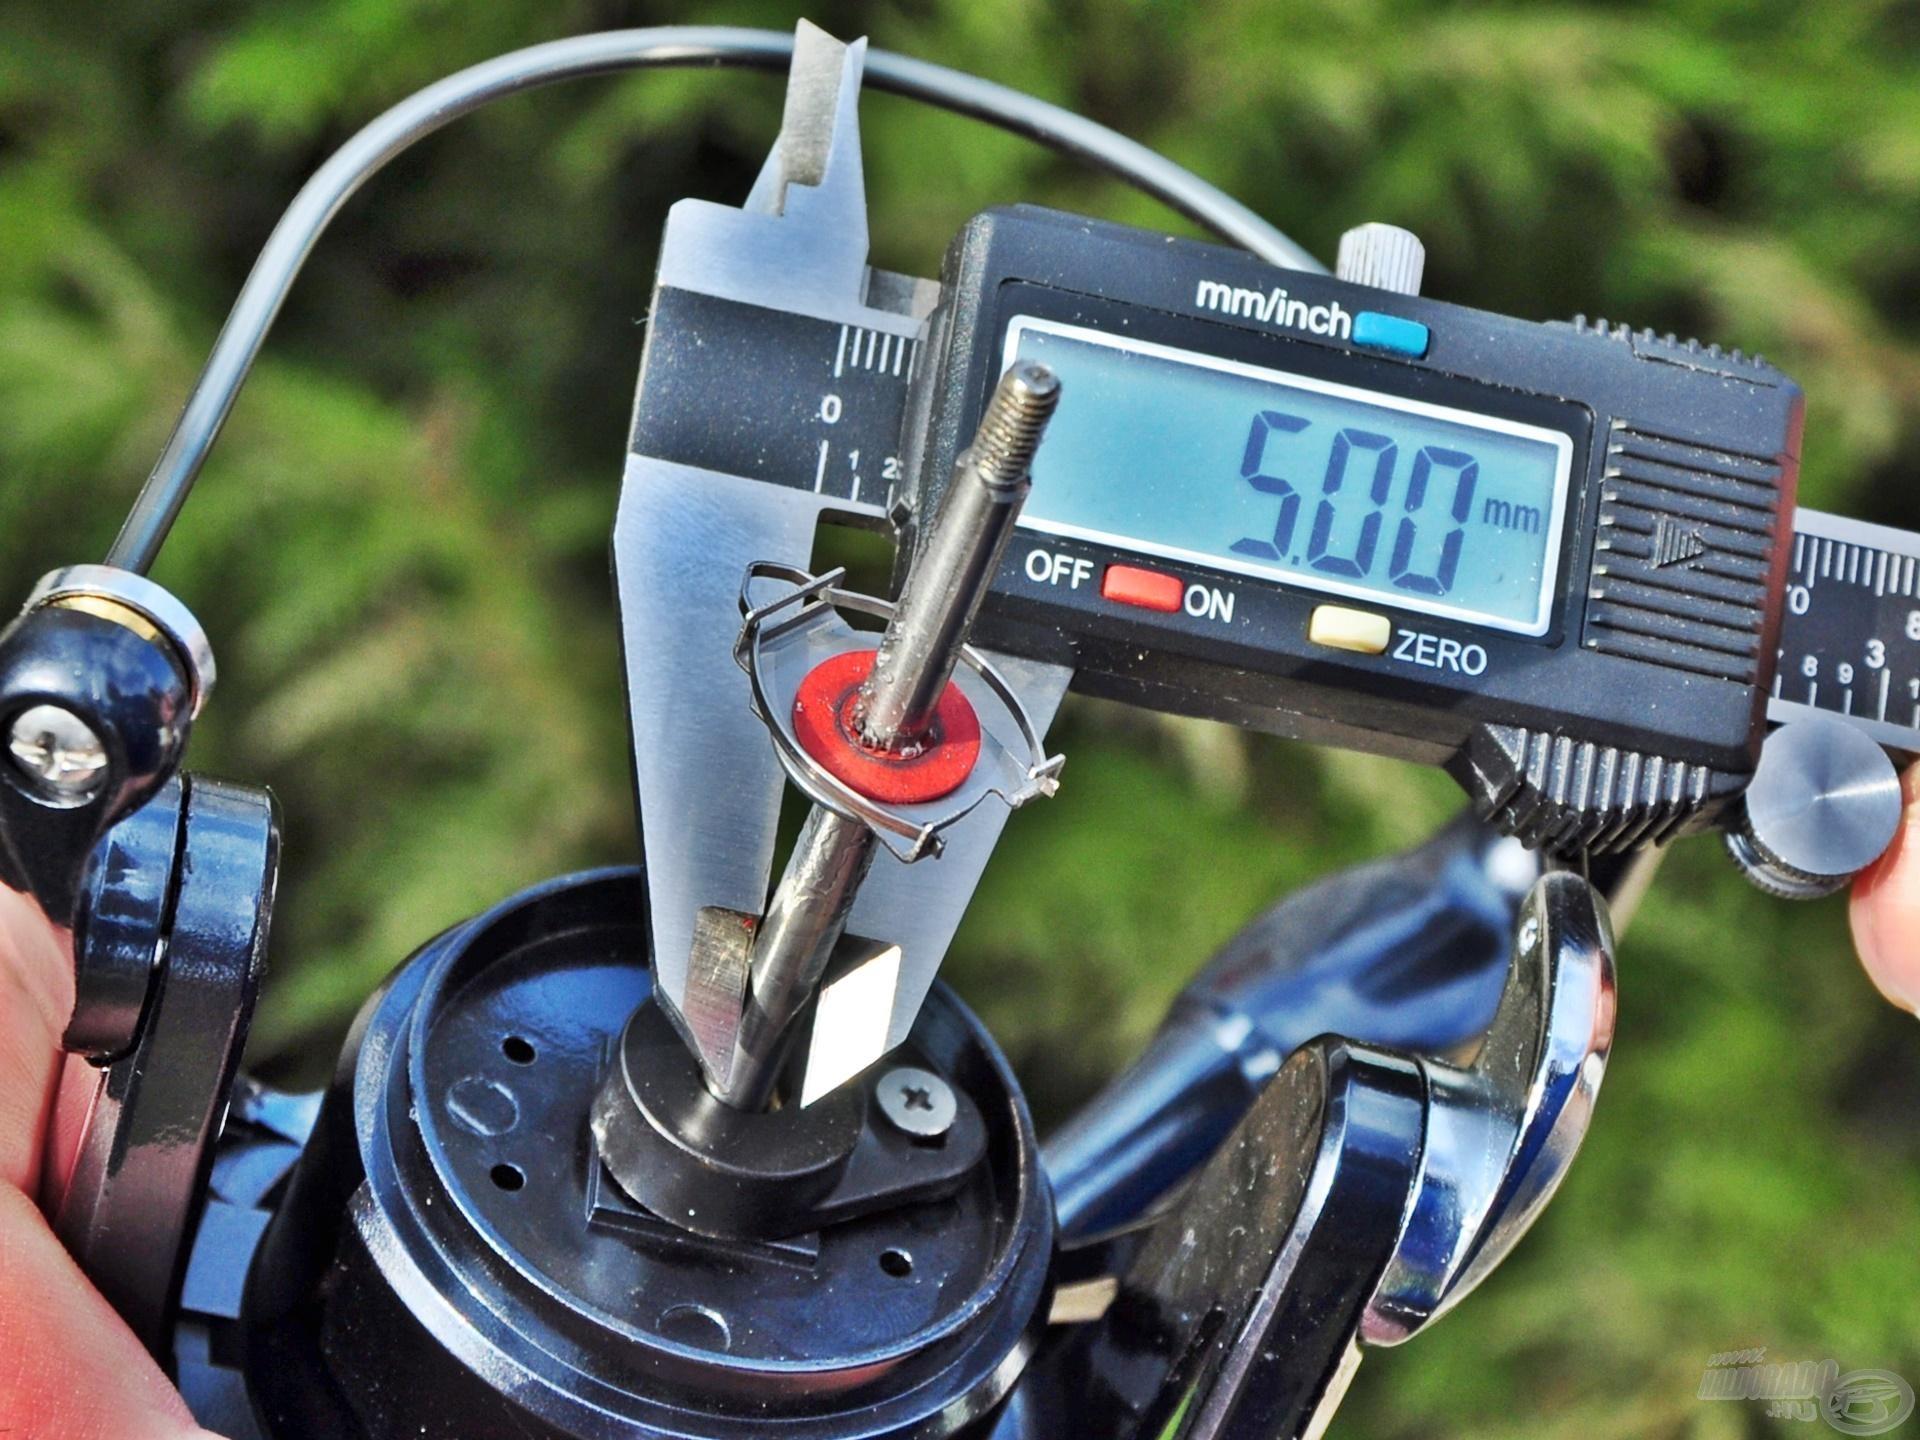 Az 5 mm-es tengely megfelelően erős tartást ad minden fárasztáskor